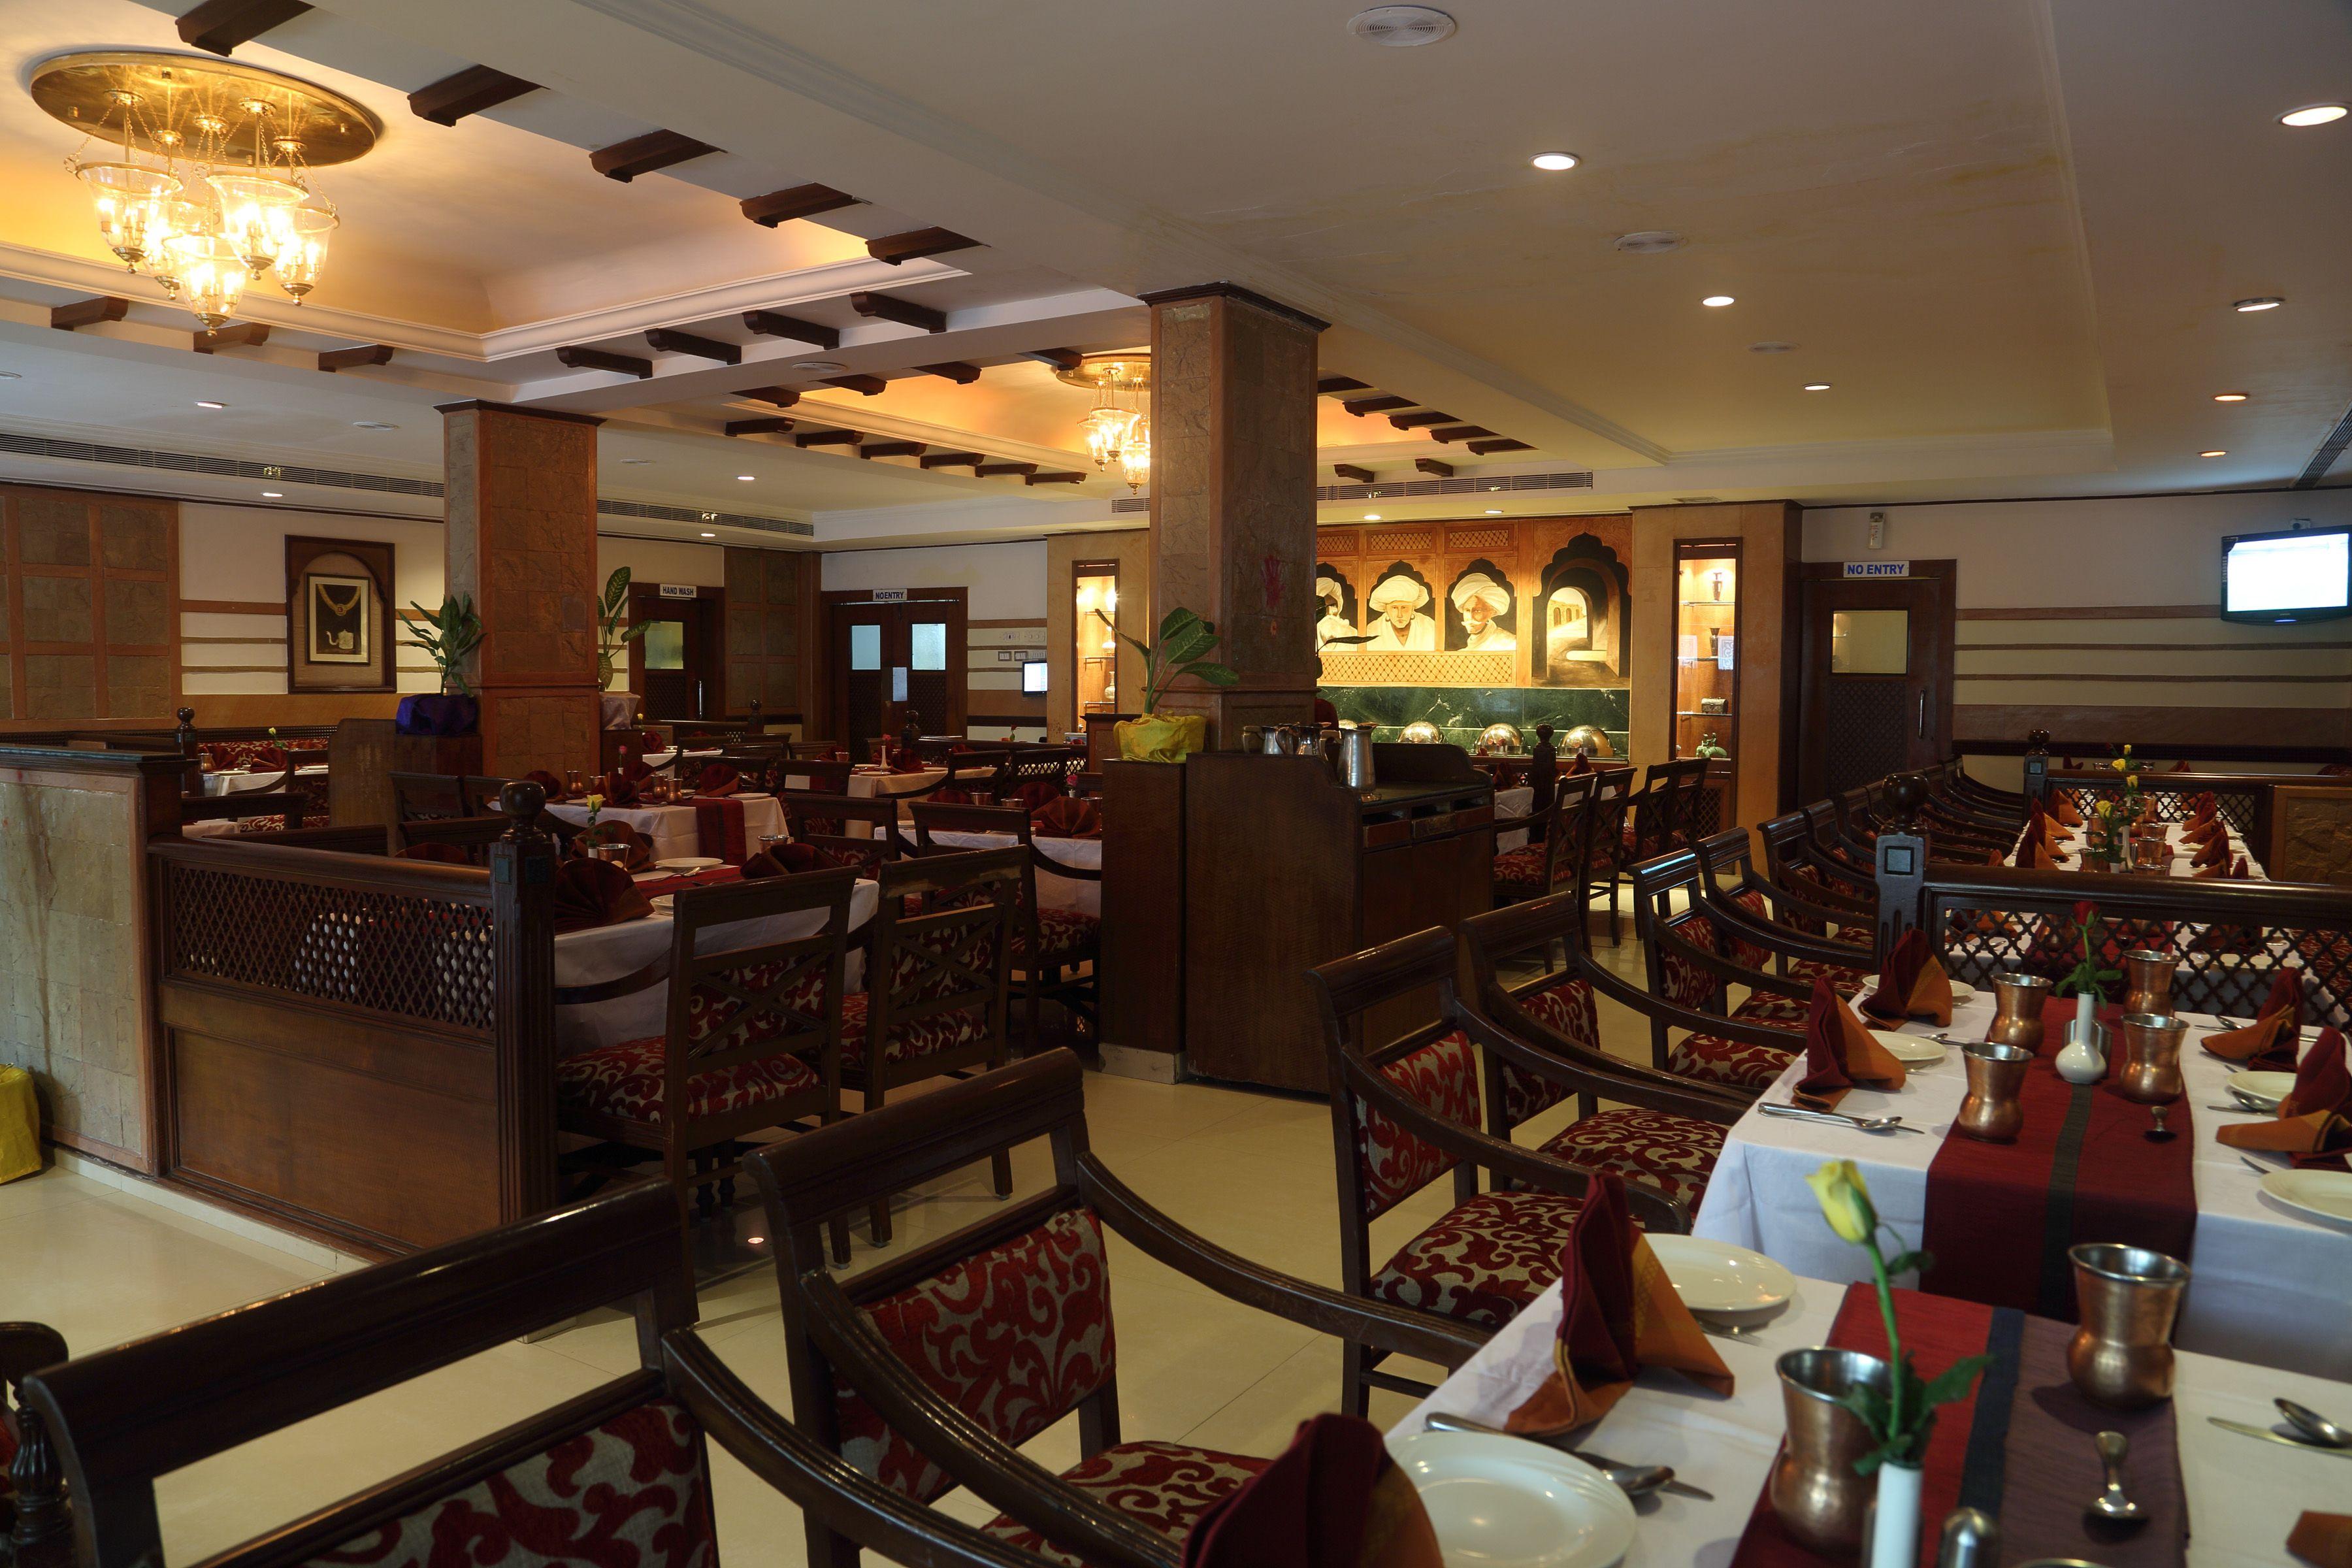 Veg Restaurants In Tirupati Food In Tirupati Best Restaurants In Tirupati Vegetarian Hotels In Tirupati Pure Veg Hotels In Hotel Luxury Hotel Veg Hotel